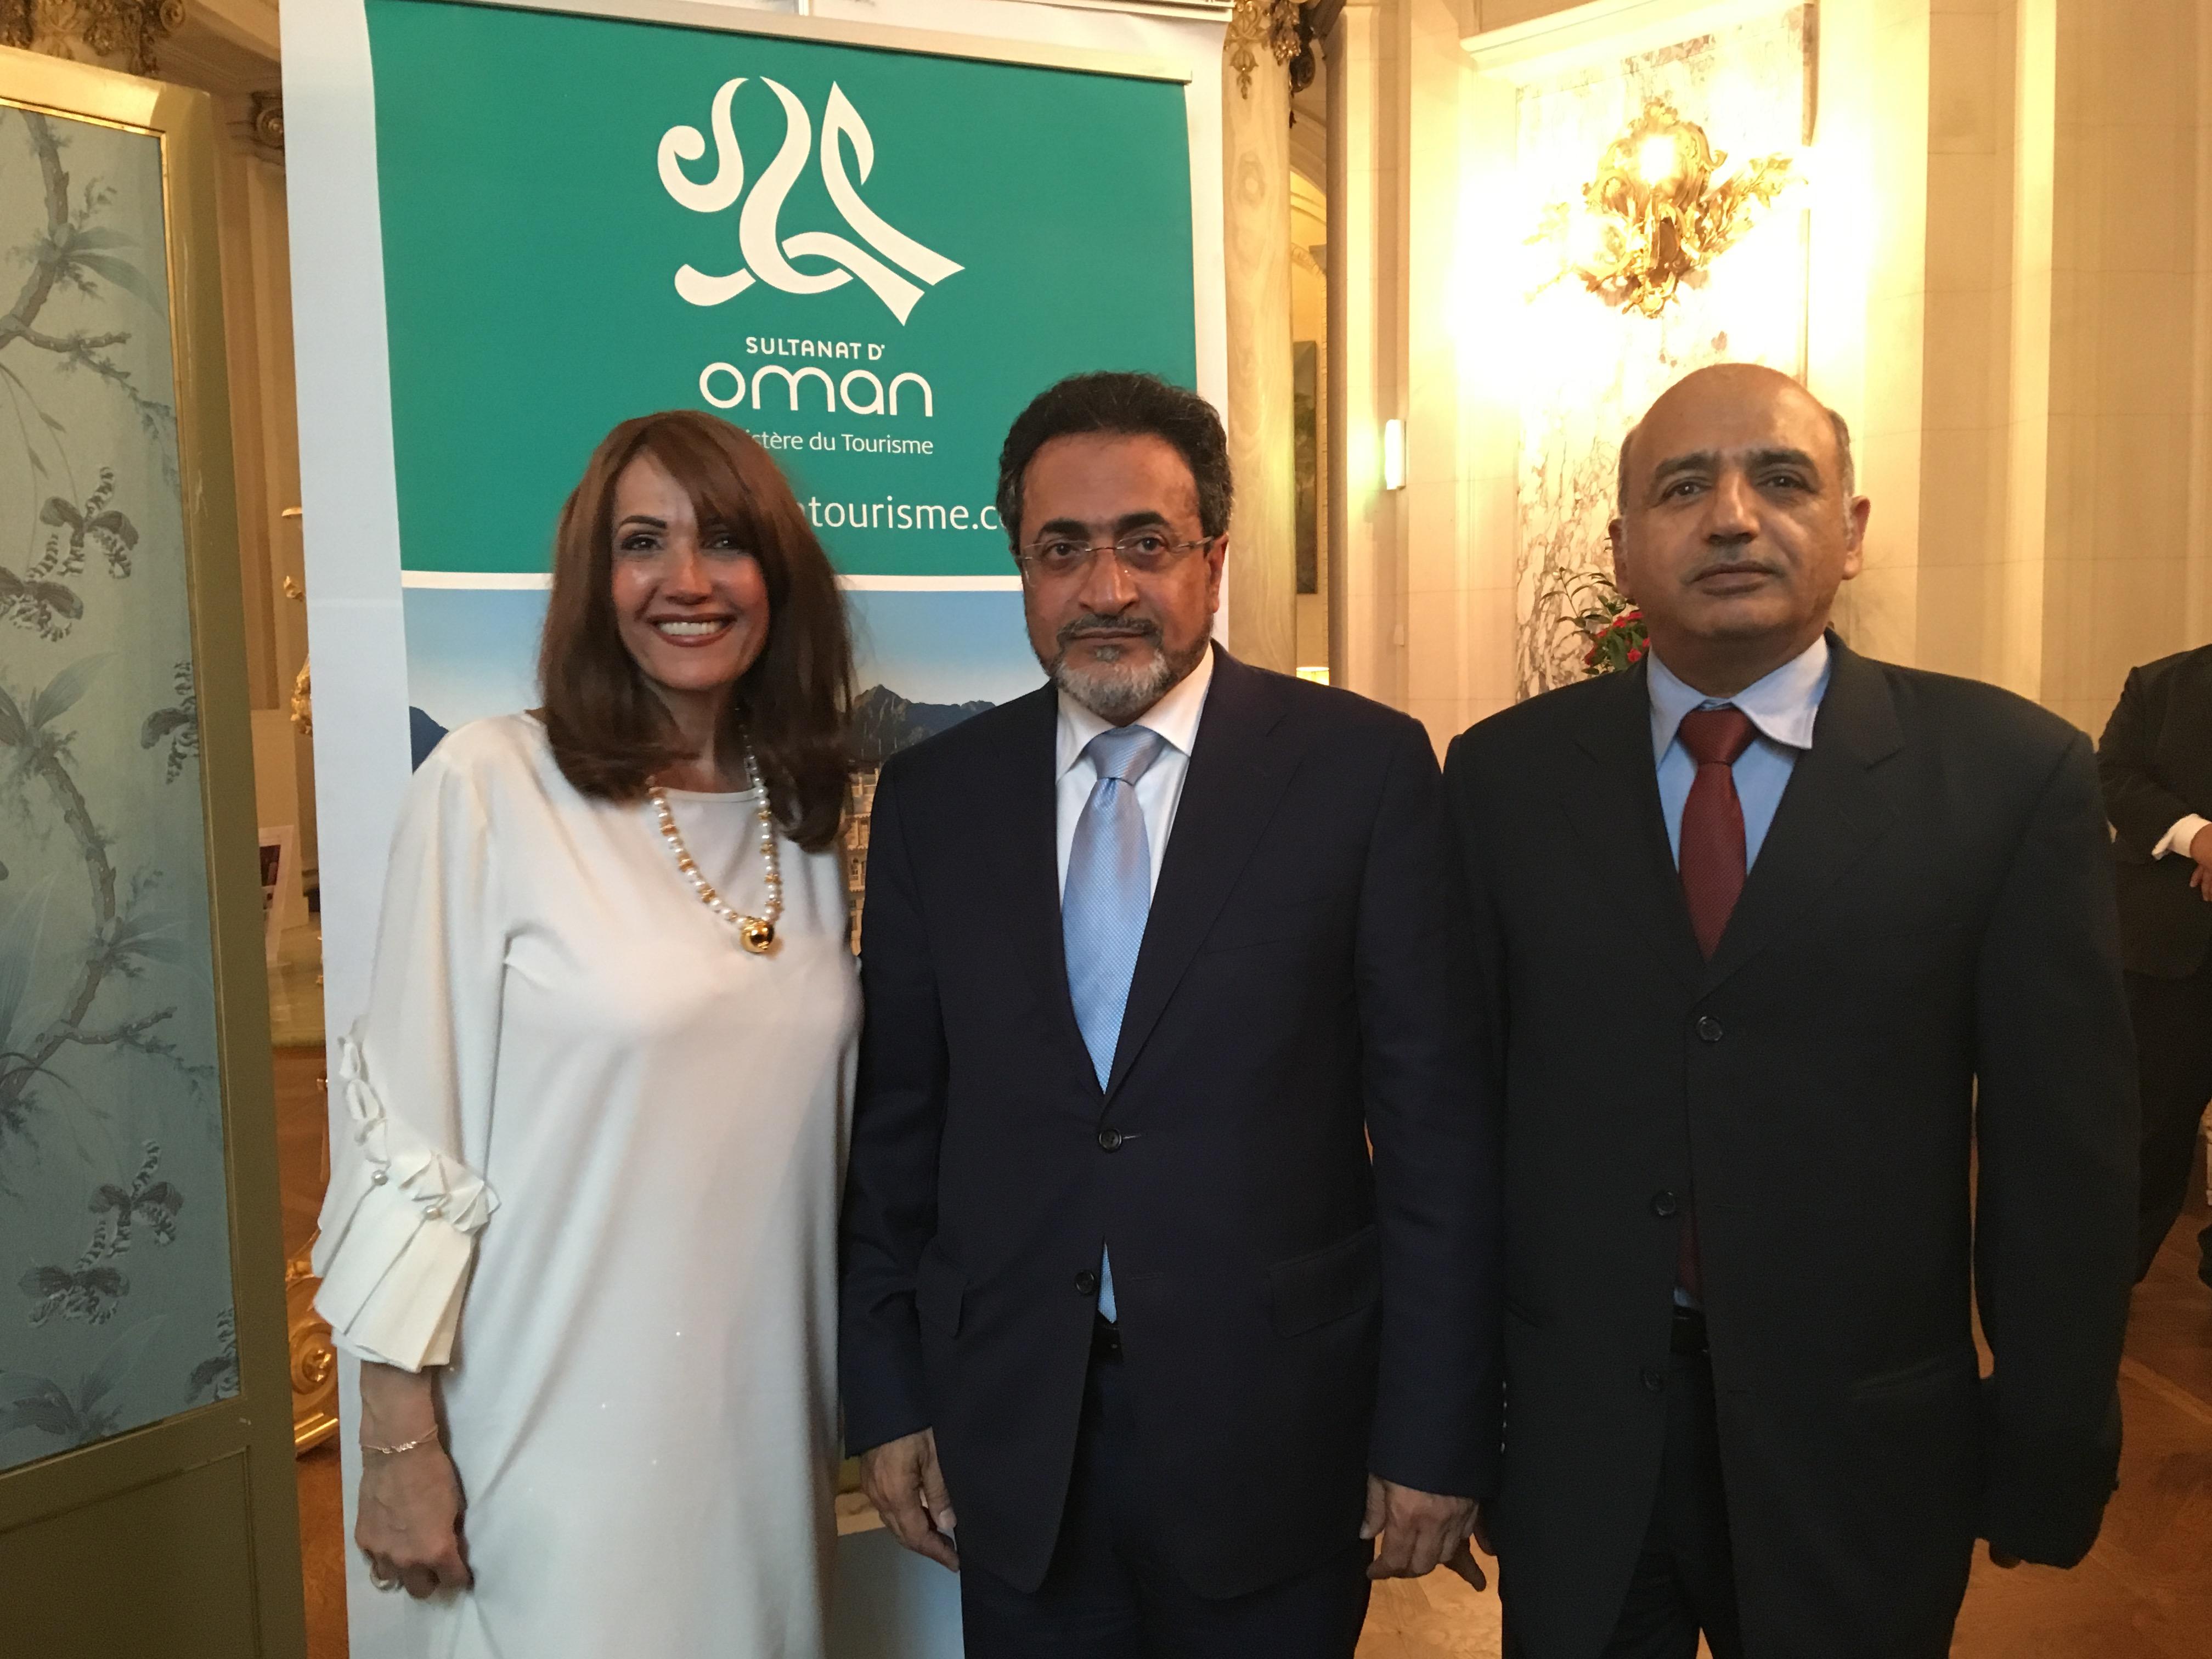 Rania Khodr, directrice de l'OT du Sultanat d'Oman à Paris et Son Excellence, Ahmed Al Mahrizi, ministre du Tourisme du Sultanat d'Oman. - CL